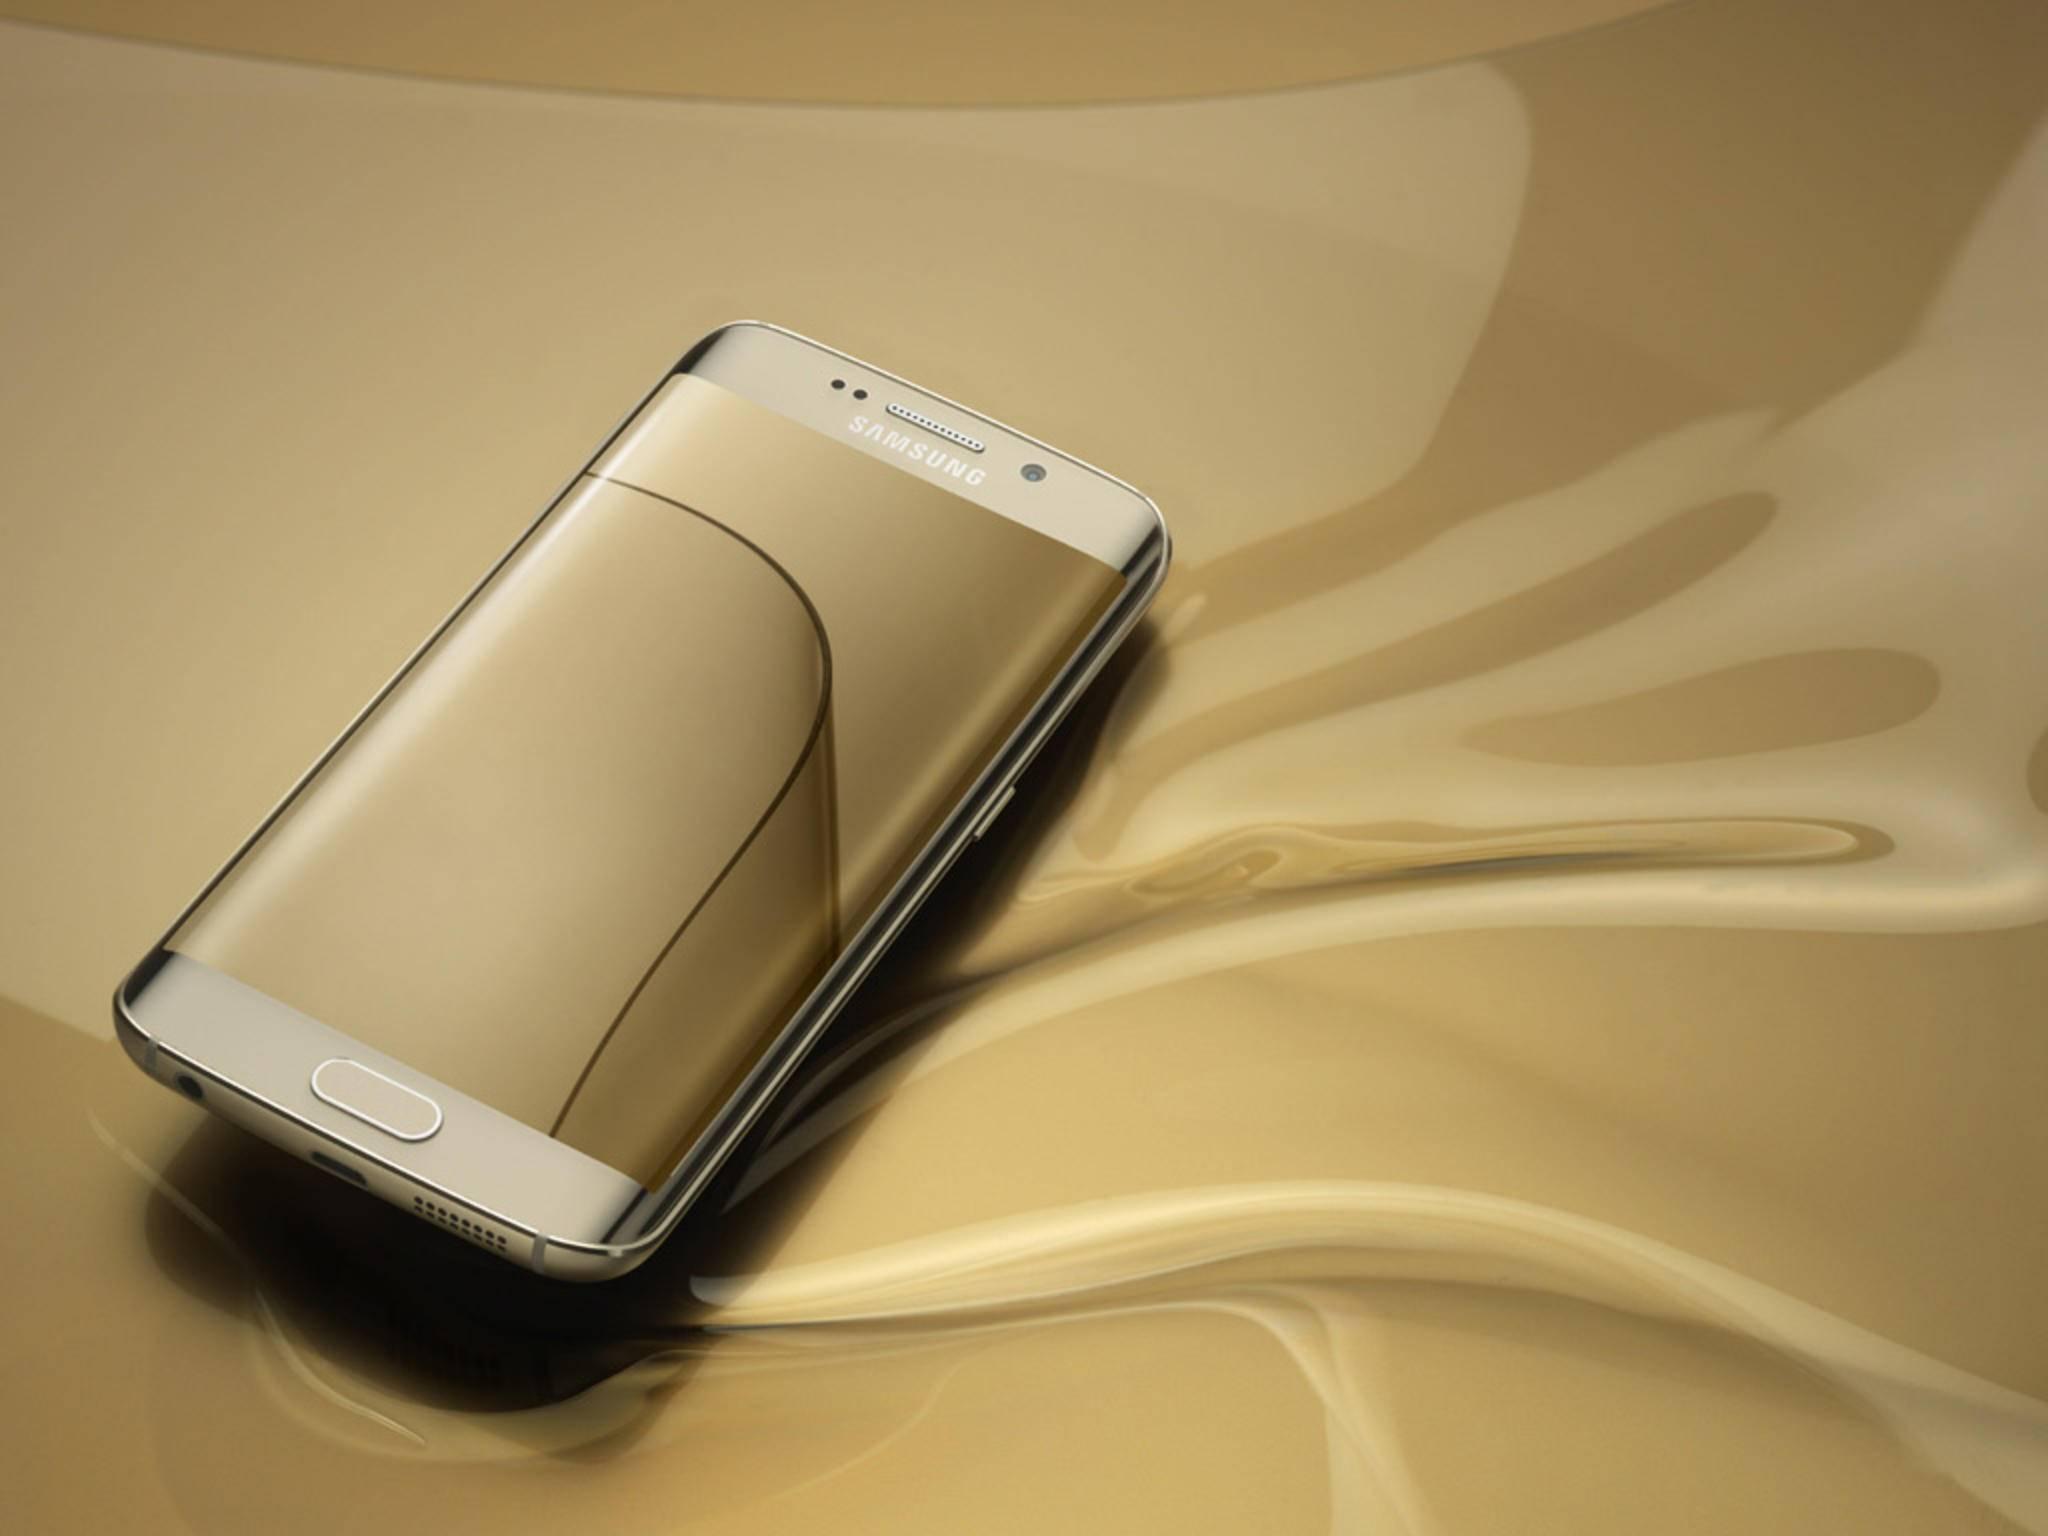 Das Galaxy S7 Edge könnte  als eines der ersten Smartphones vom neuen Touchpanel profitieren.